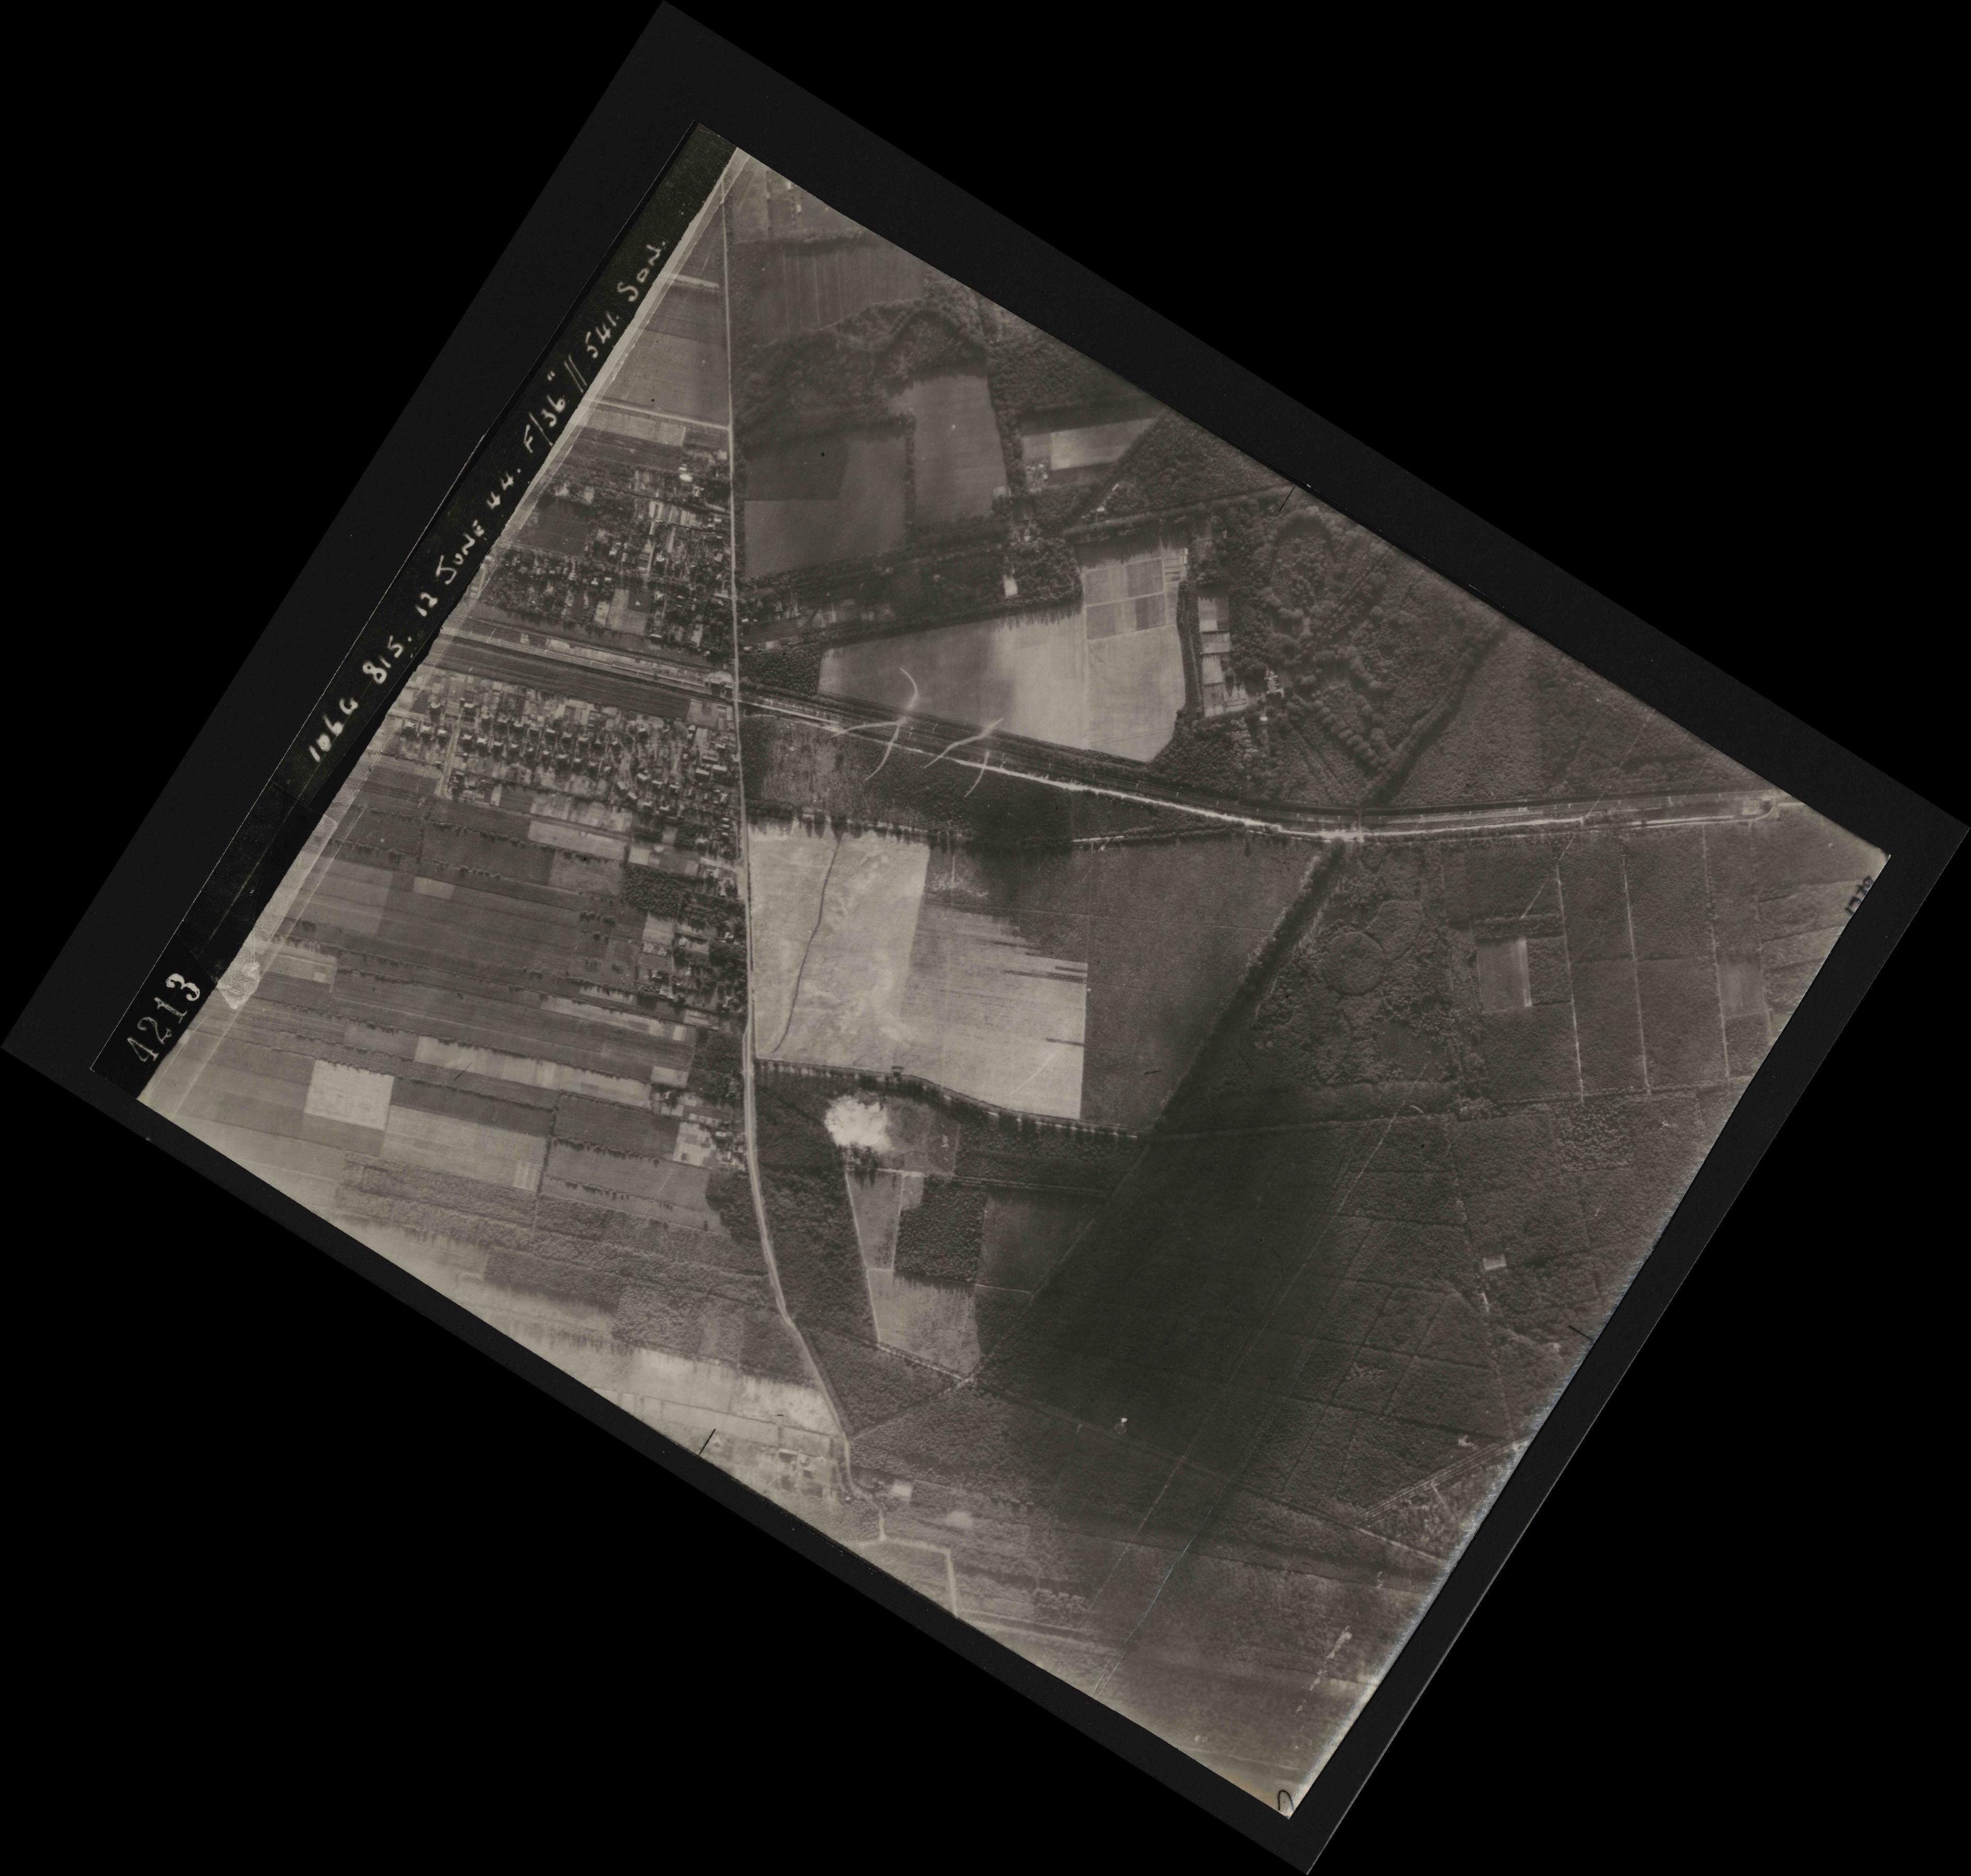 Collection RAF aerial photos 1940-1945 - flight 175, run 04, photo 4213